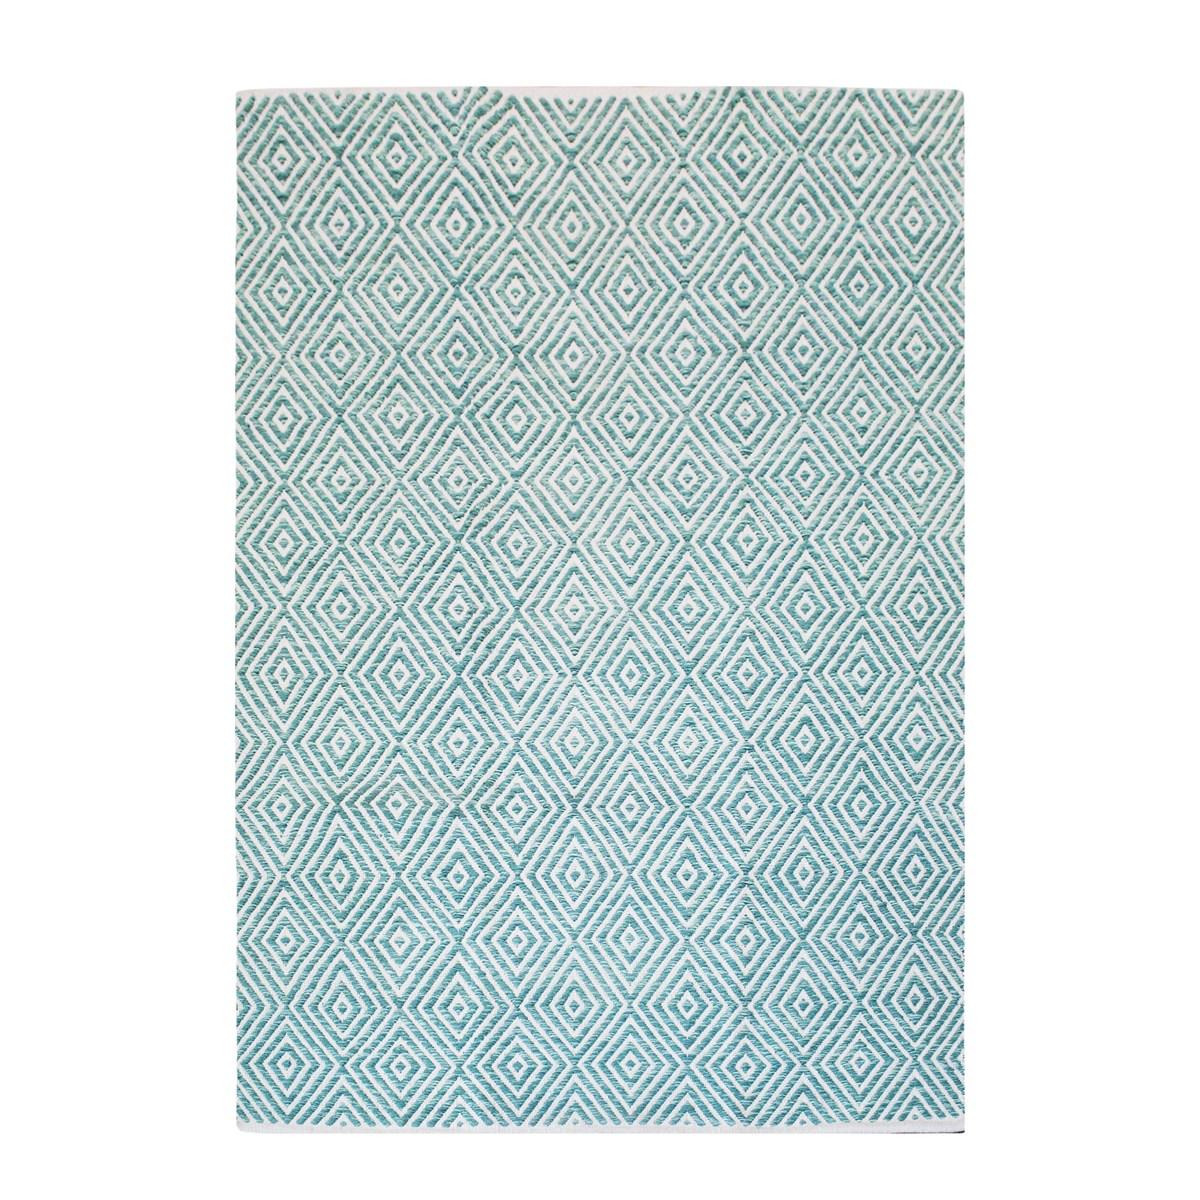 Tapis design en Coton Bleu ciel 120x170 cm